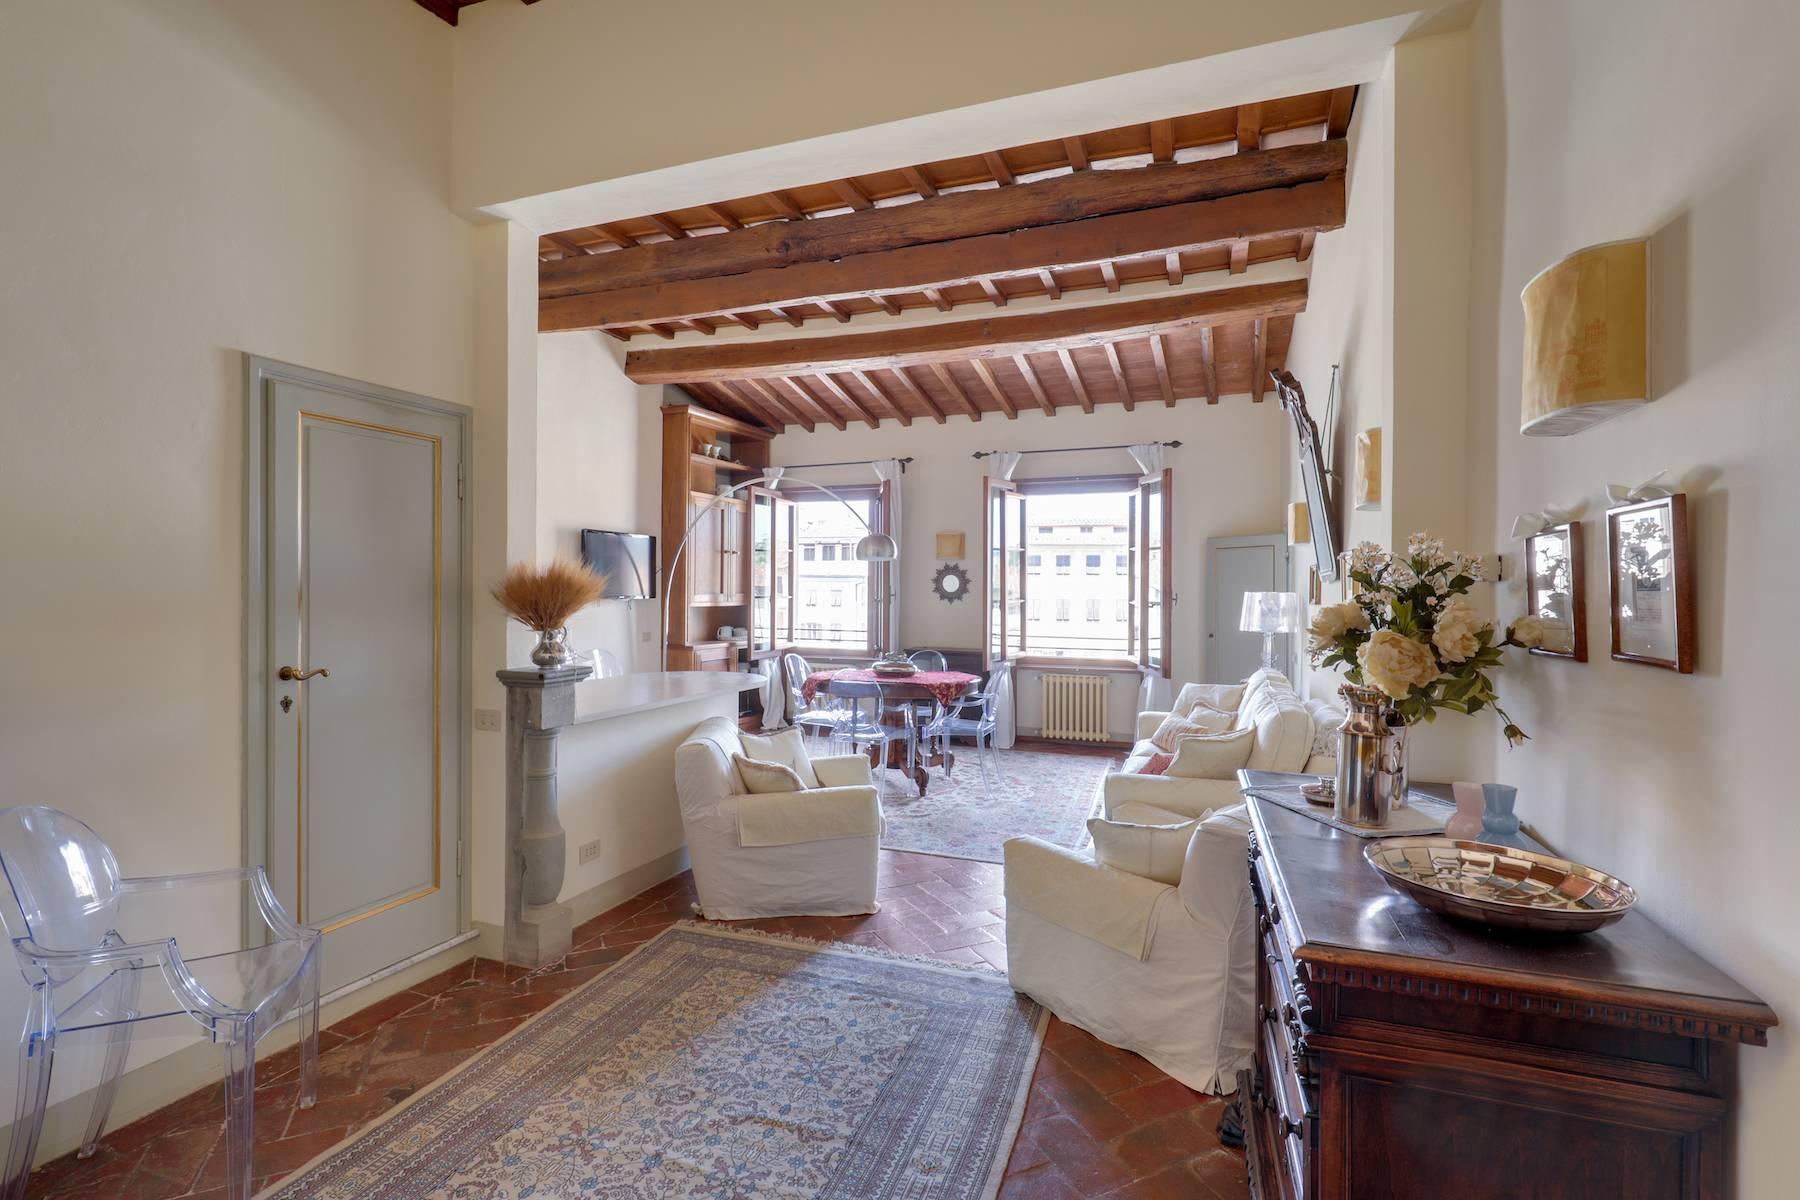 Appartamento in Vendita a Firenze: 4 locali, 90 mq - Foto 5